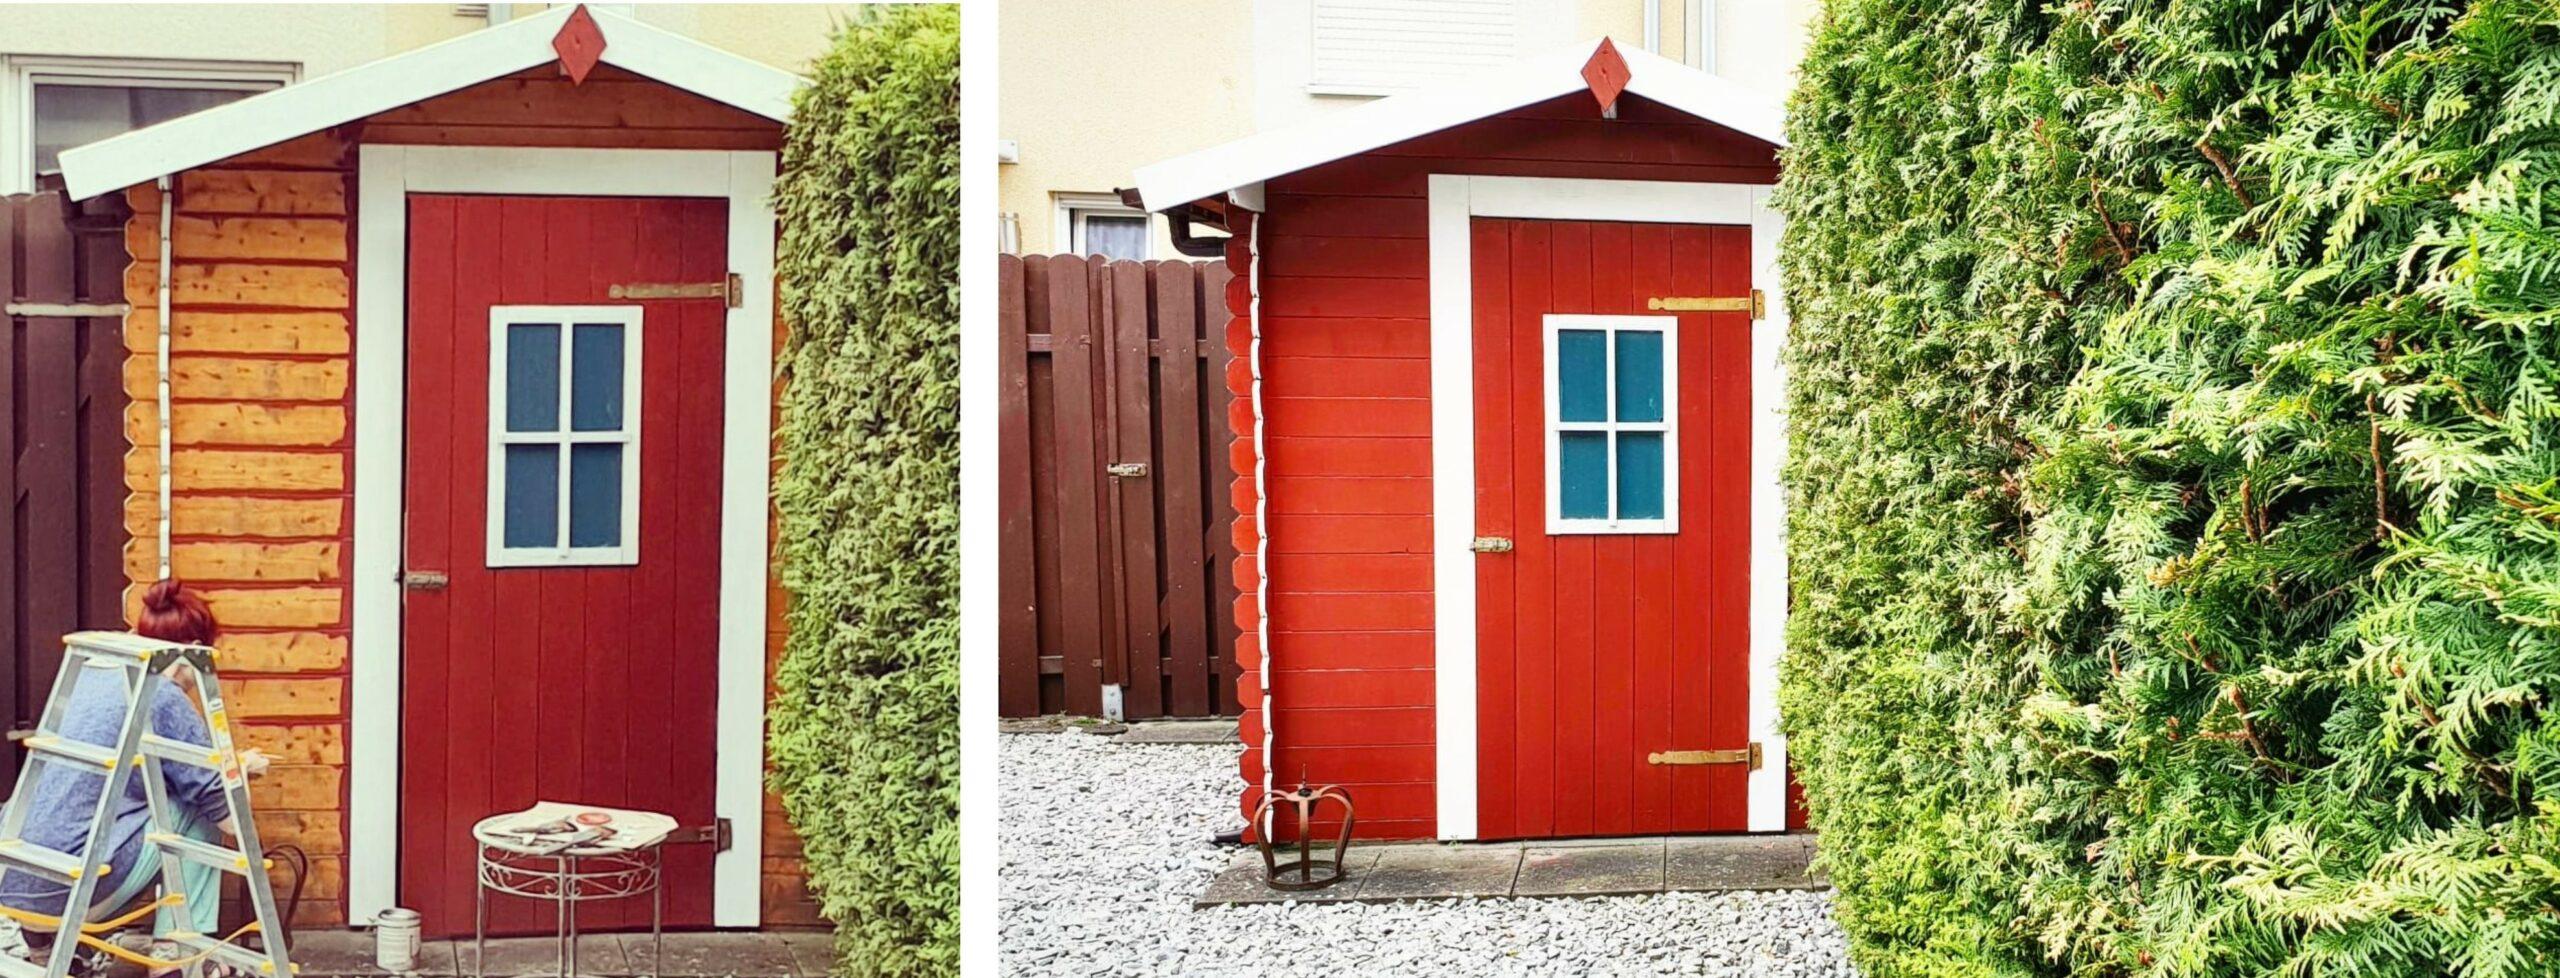 Gartenhütte Anstrich skandinavischer Stil Schwedenrot